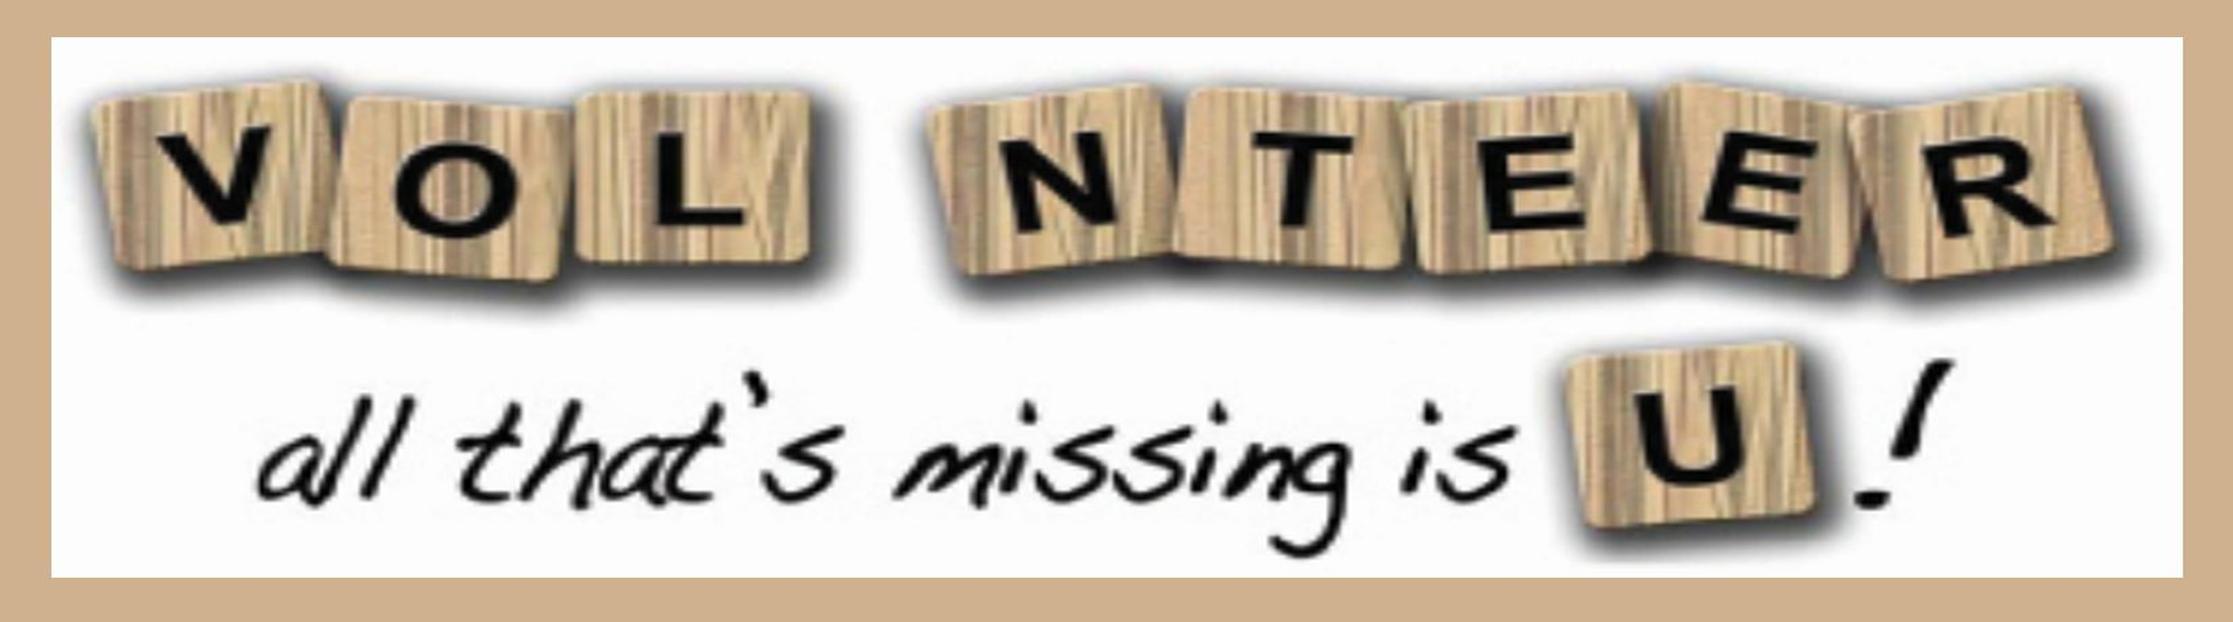 volunteer web banner.jpg